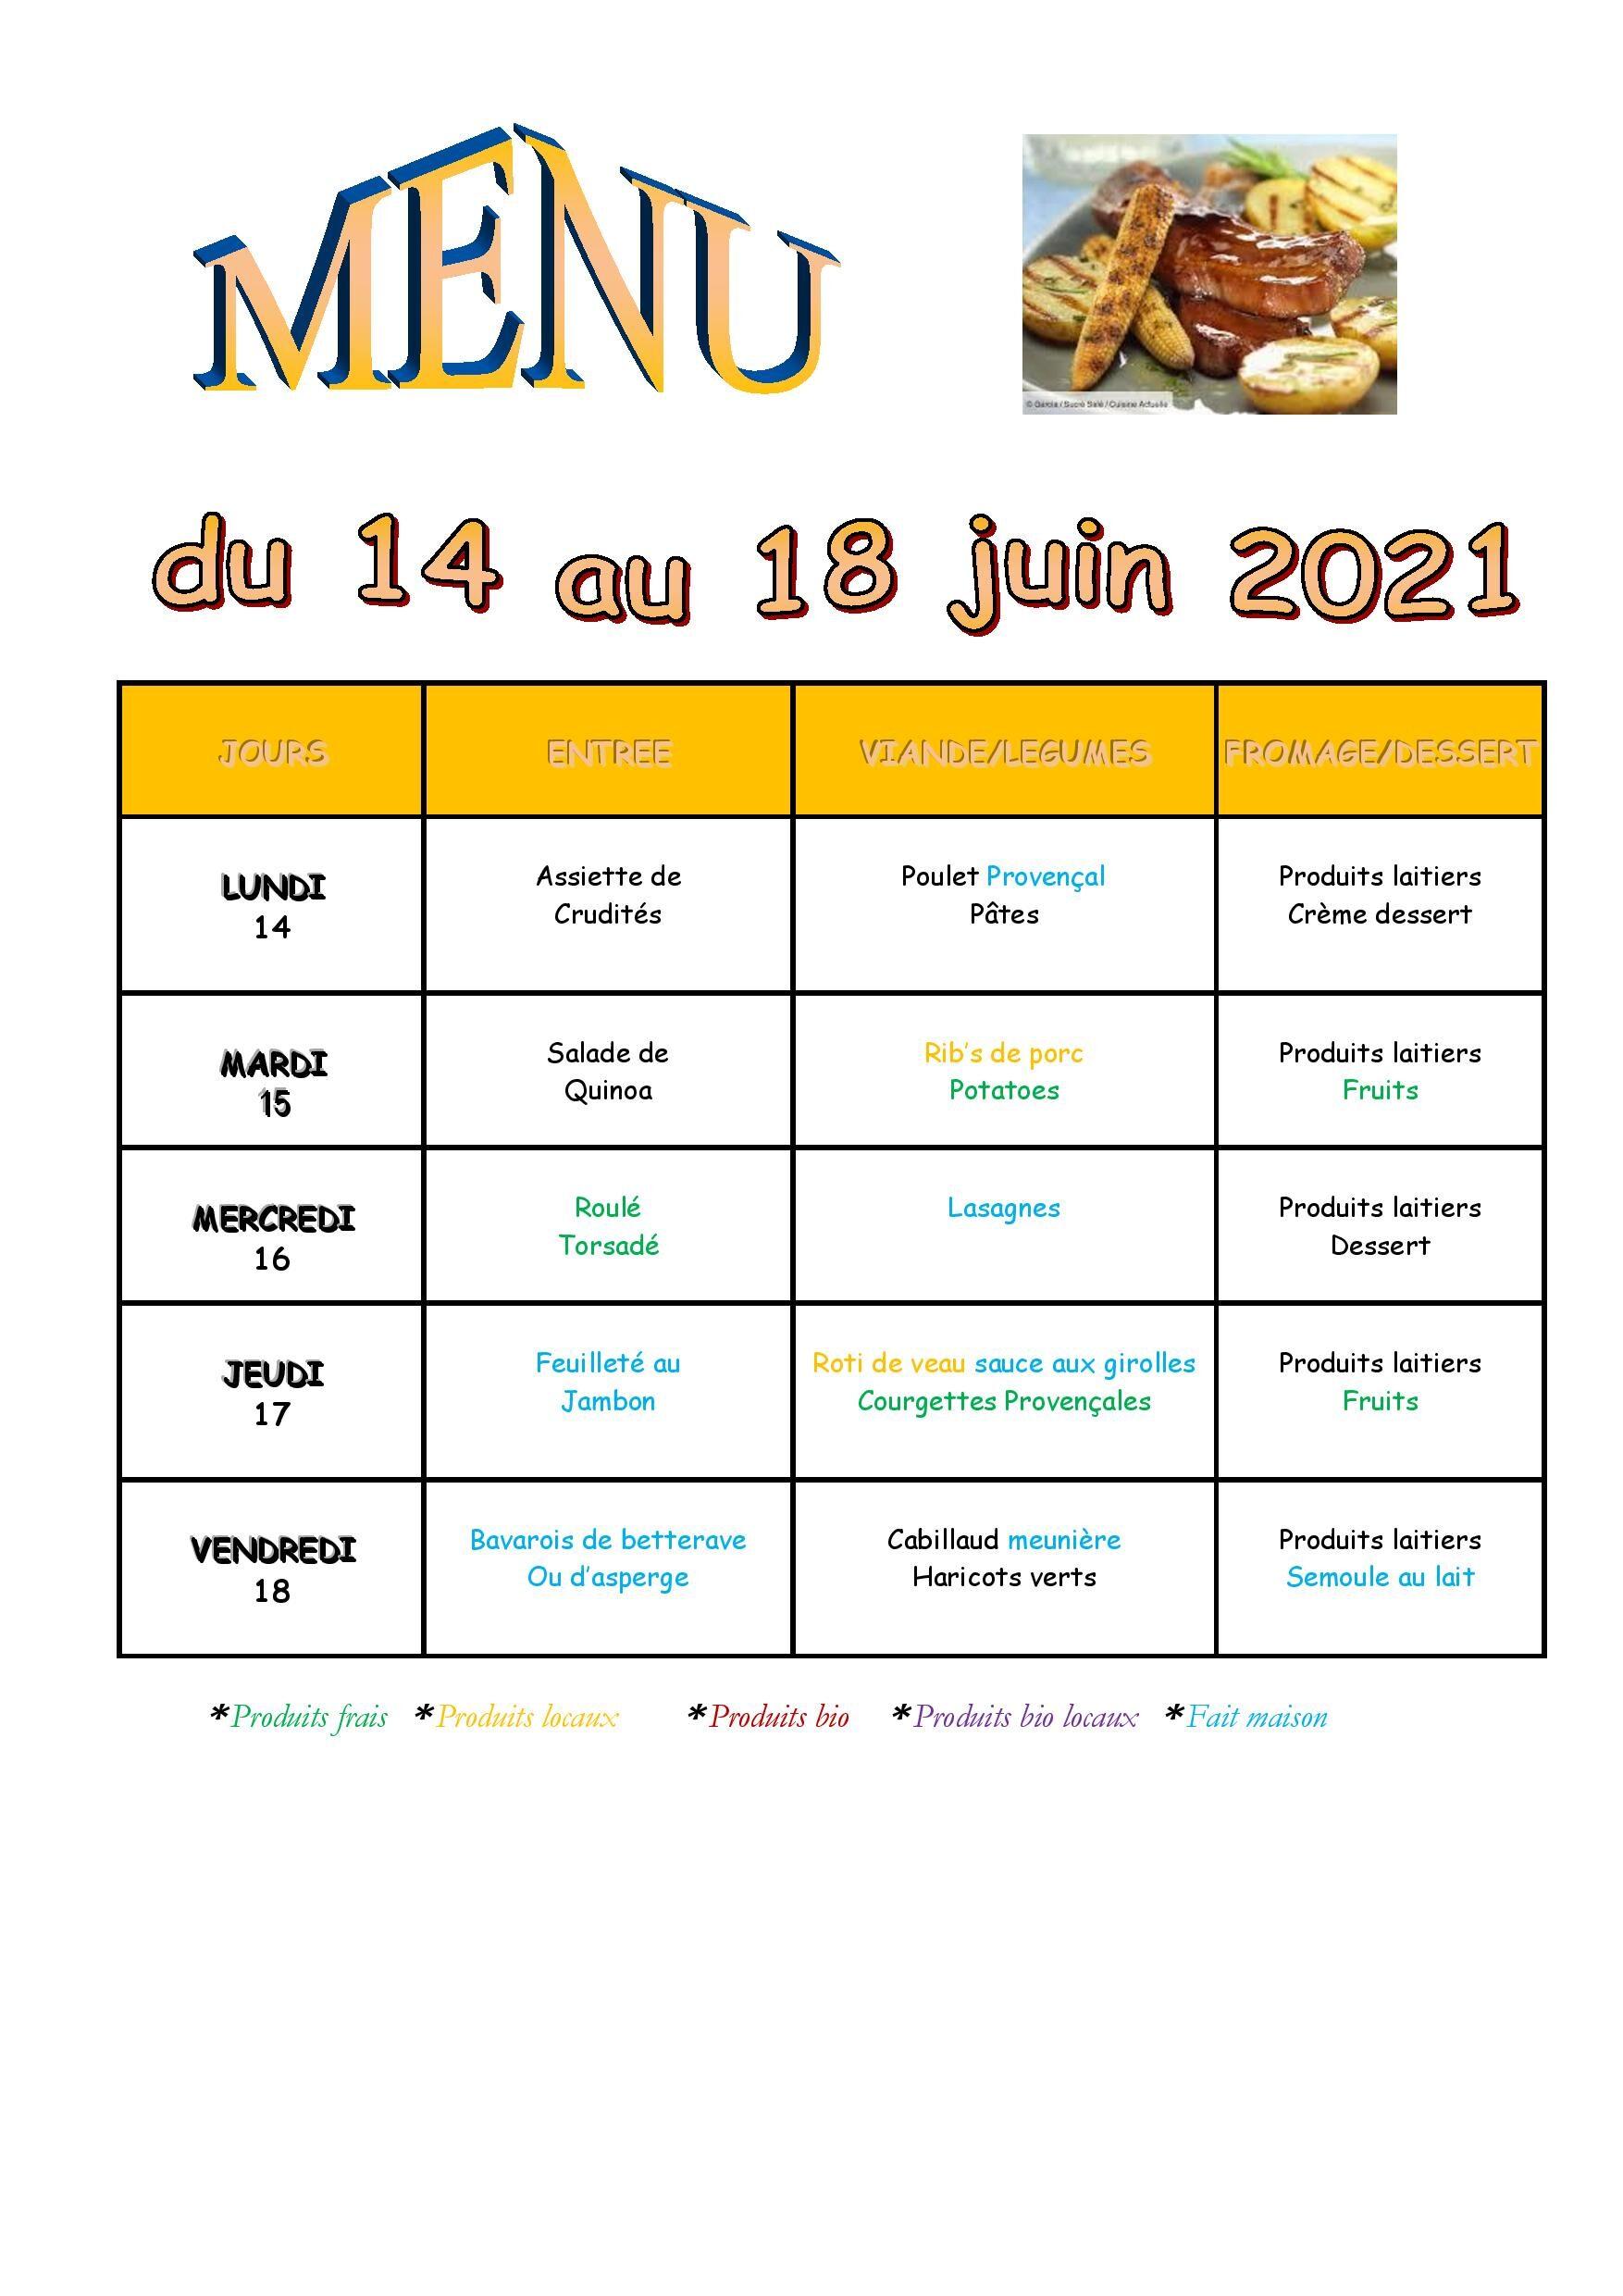 menu du 14 au 18 juin 2021-page-001.jpg